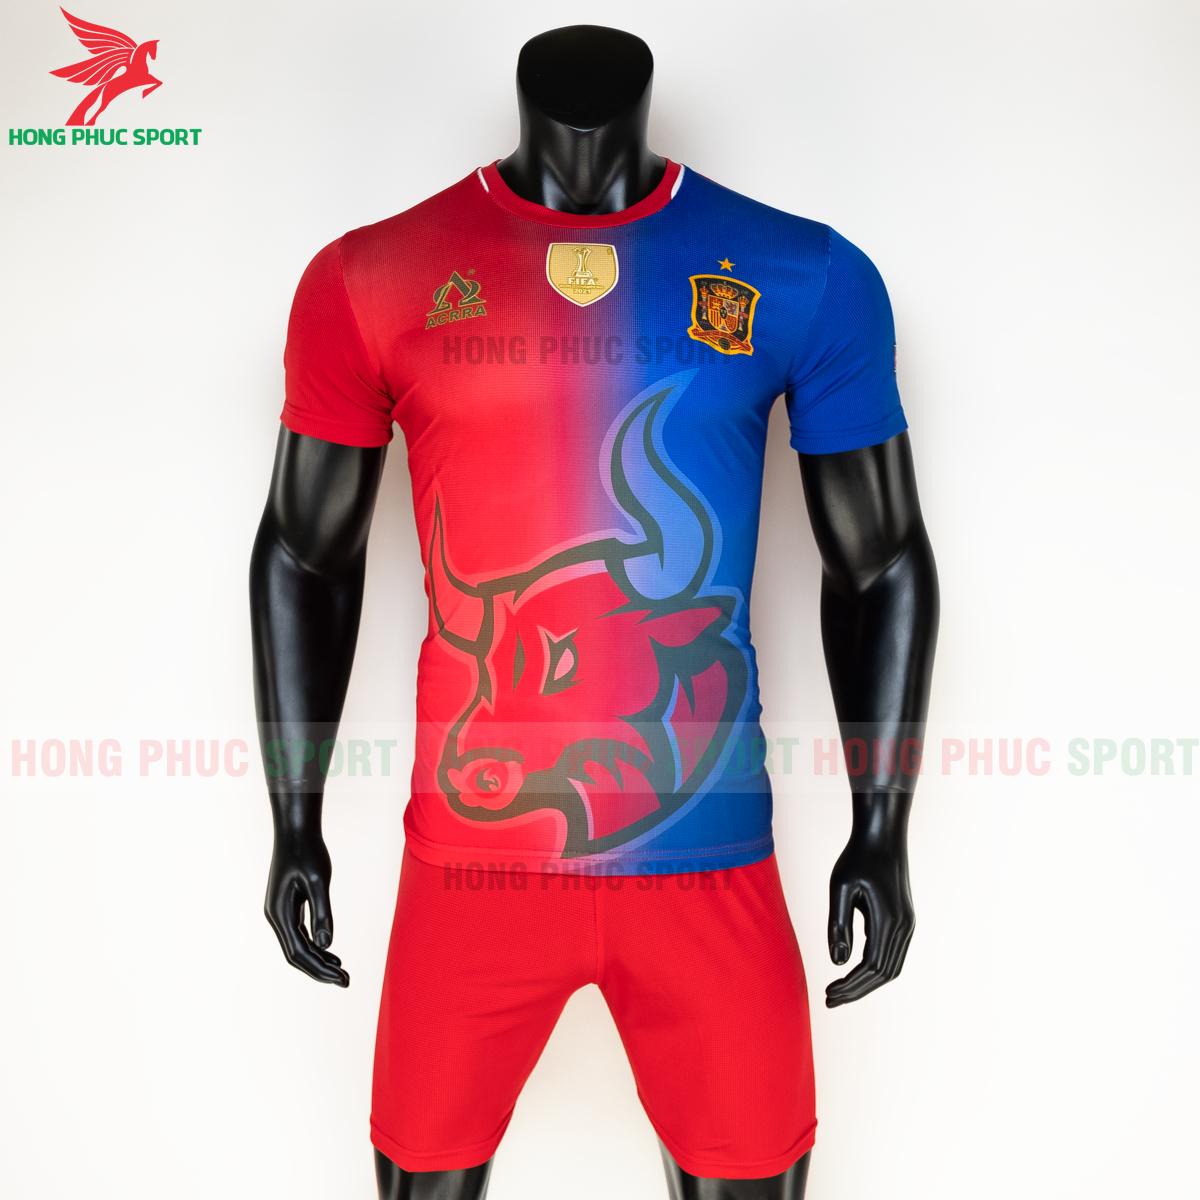 https://cdn.hongphucsport.com/unsafe/s4.shopbay.vn/files/285/ao-tuyen-tay-ban-nha-hang-det-phien-ban-fan-acrra-2-5fa1018e11808.png